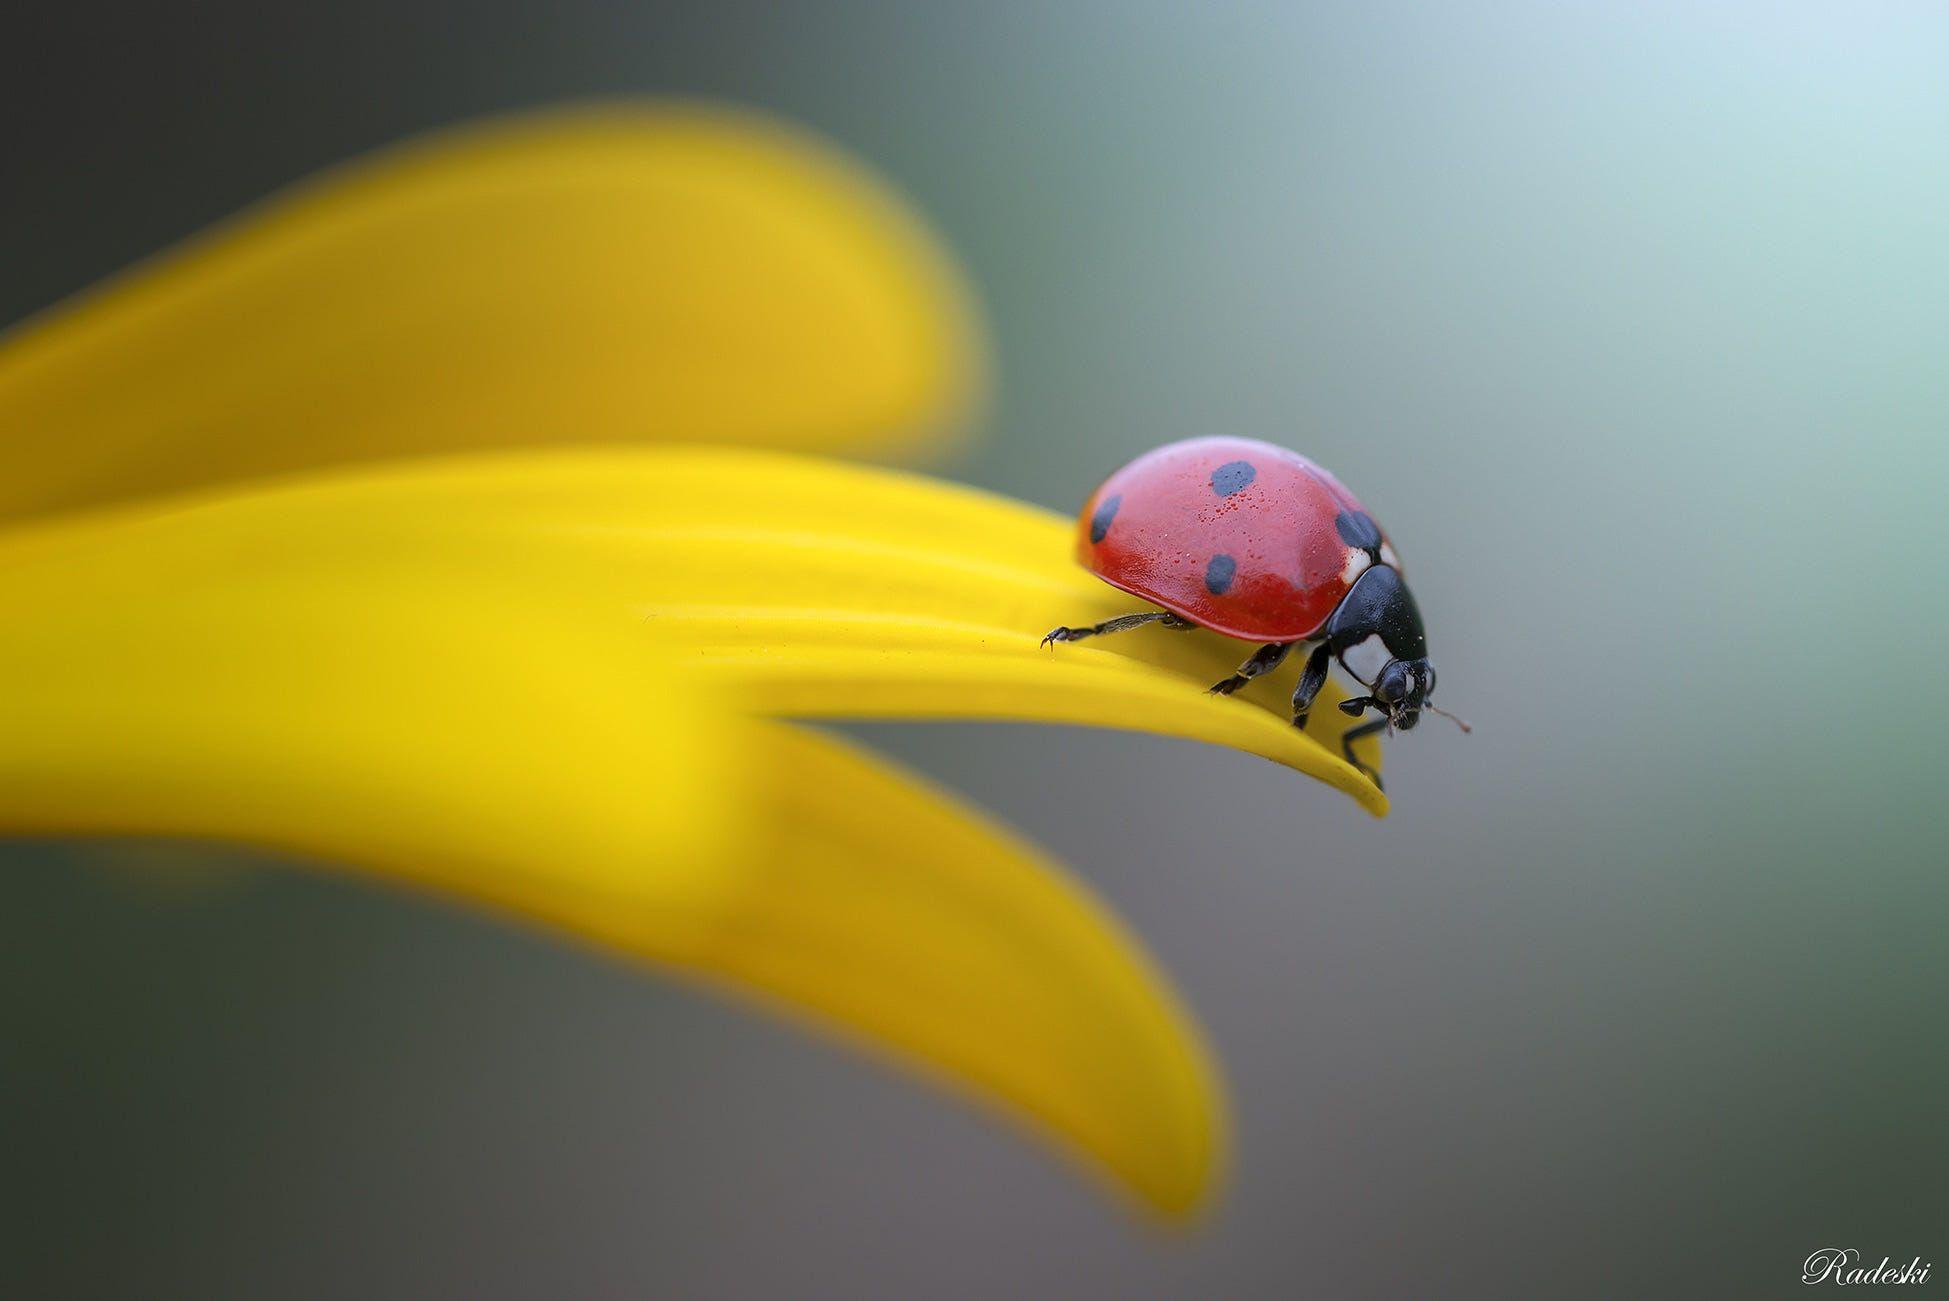 Ladybug by Roberto Aldrovandi | Fliegen, Tiere und Himmel